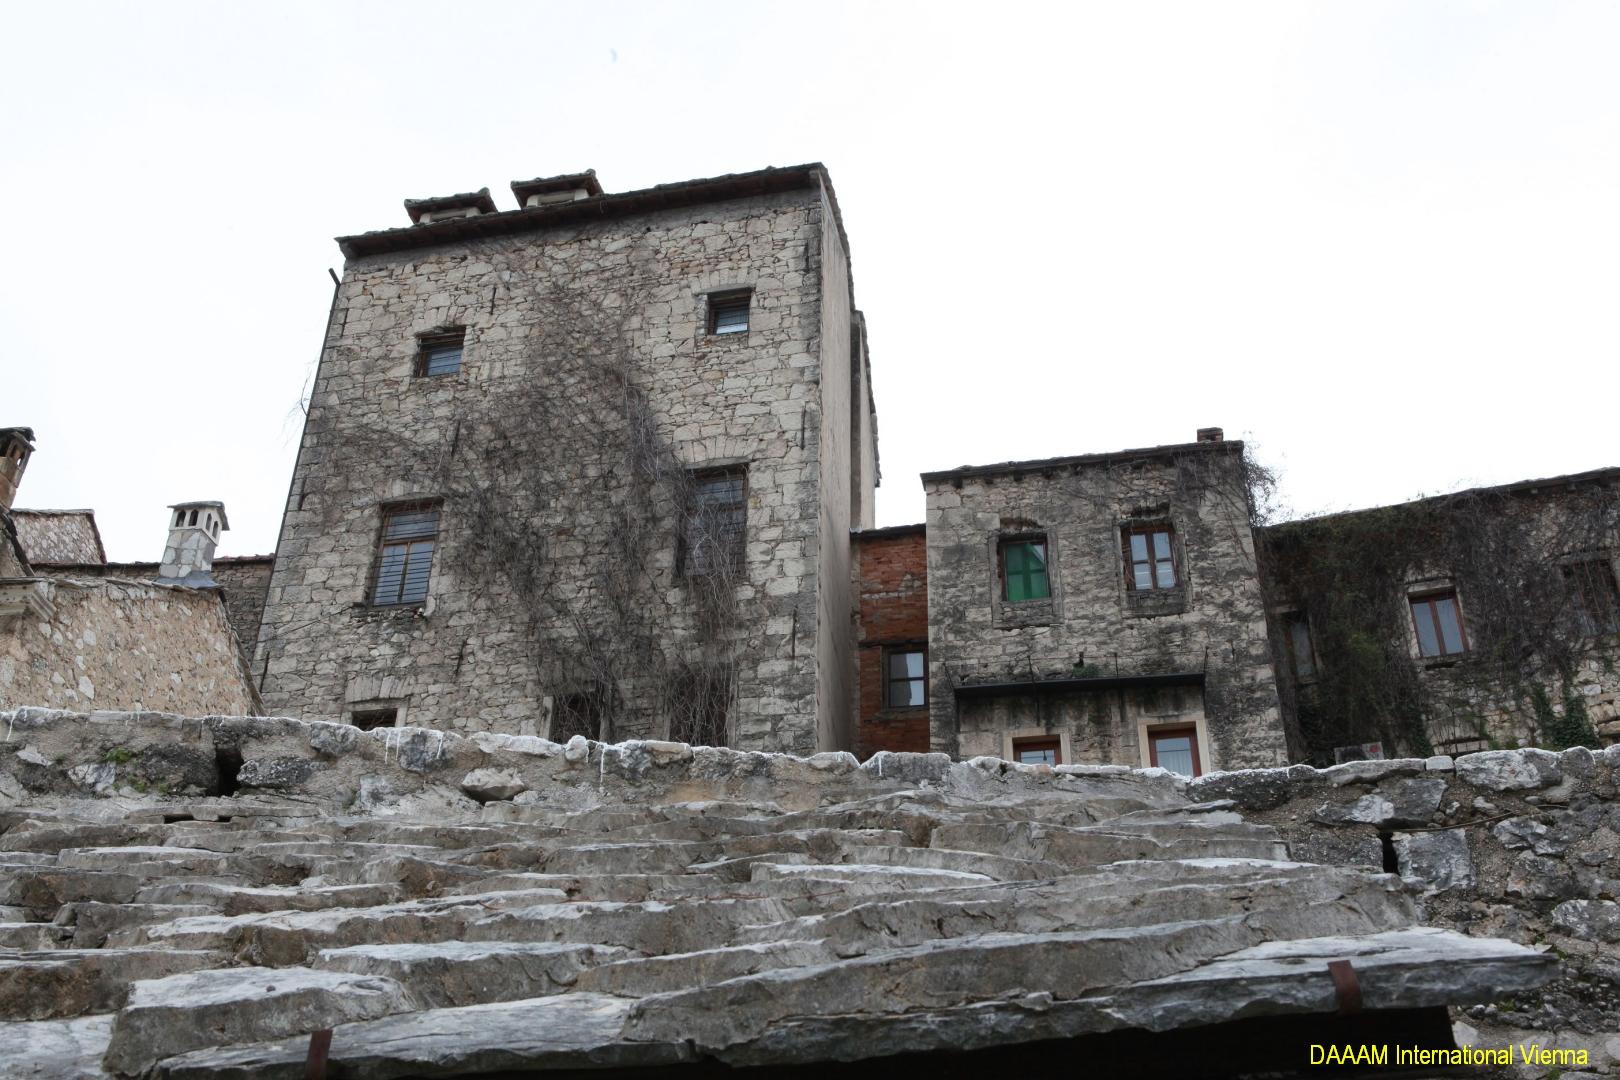 DAAAM_2016_Mostar_01_Magic_City_of_Mostar_094